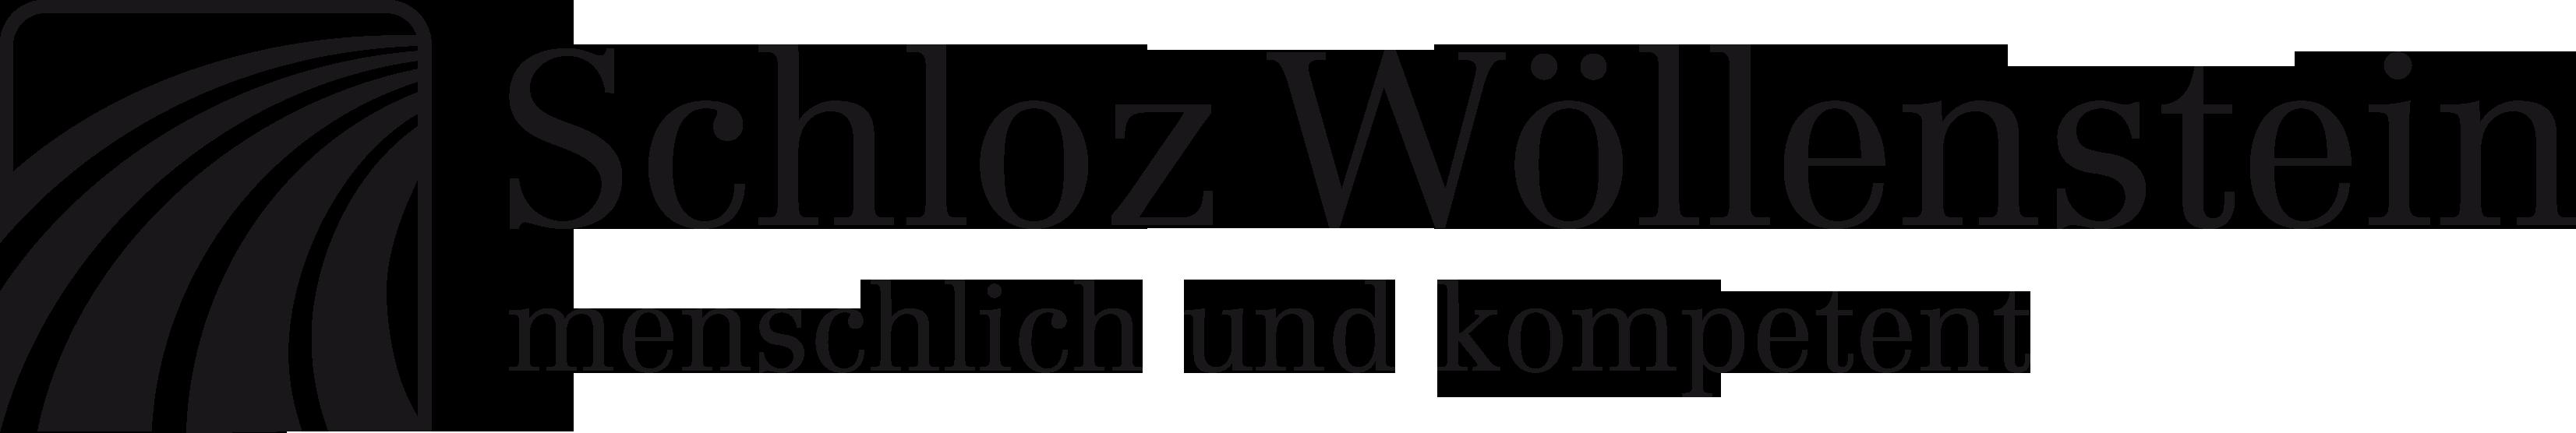 Schloz-Wöllenstein GmbH & Co.KG